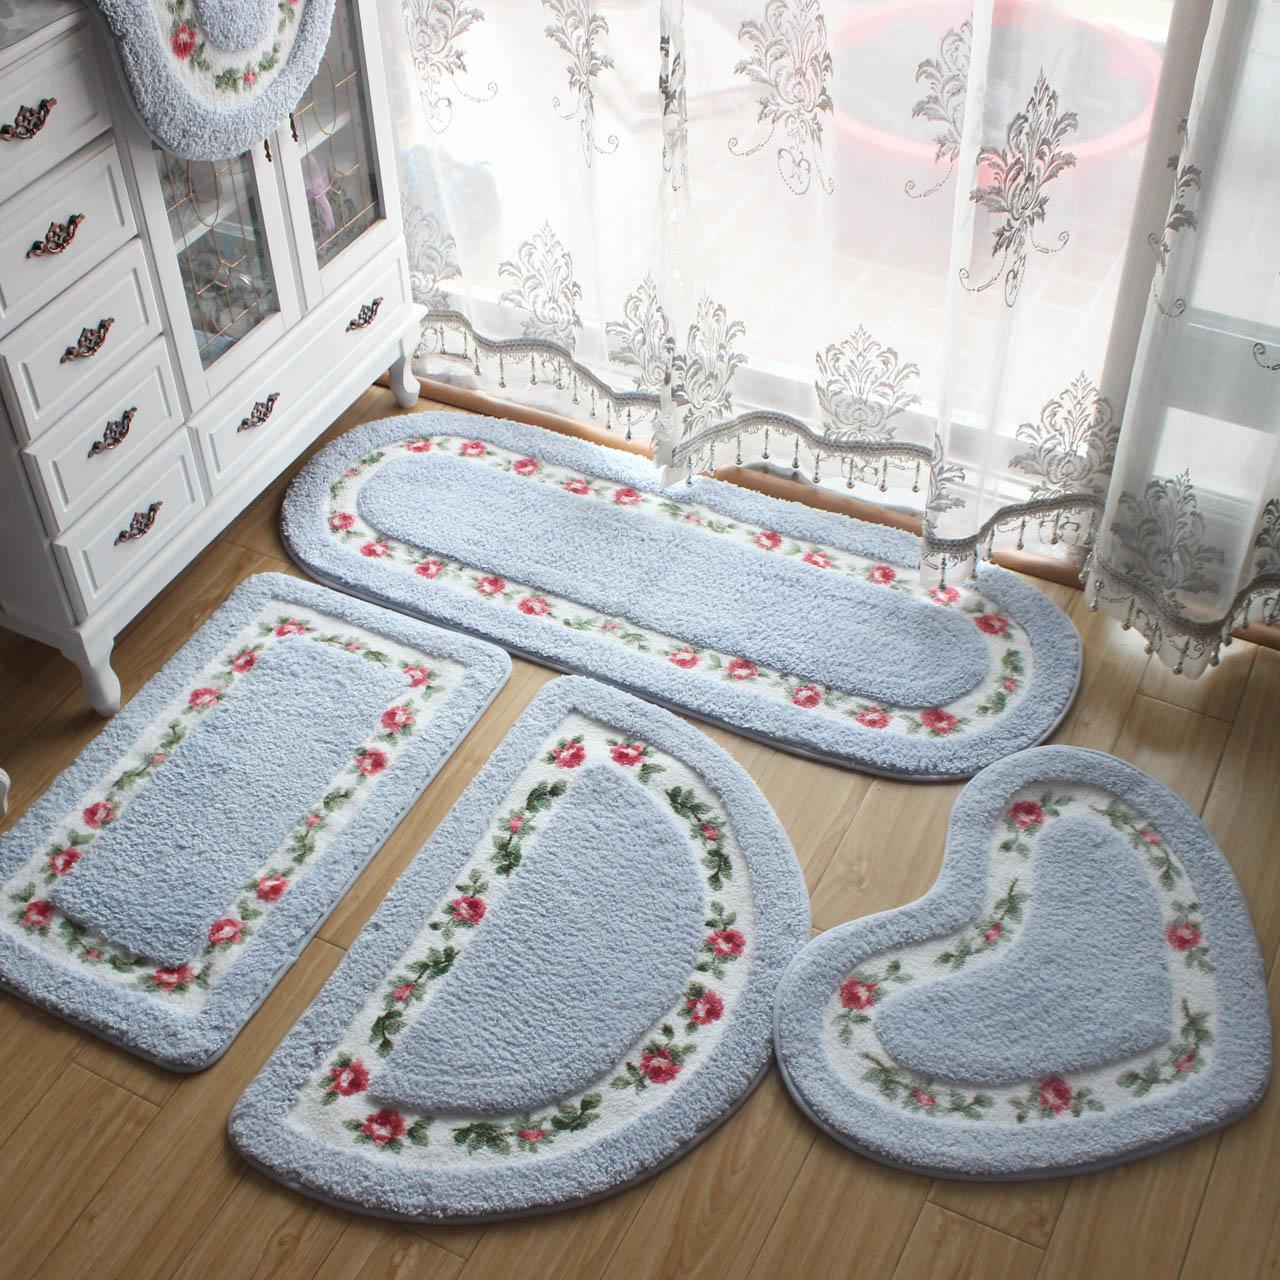 Cửa phòng tắm mat tầng mat cửa lối vào phòng ngủ thấm sàn mat phòng tắm phòng tắm non-slip mat không thấm nước carpet mat